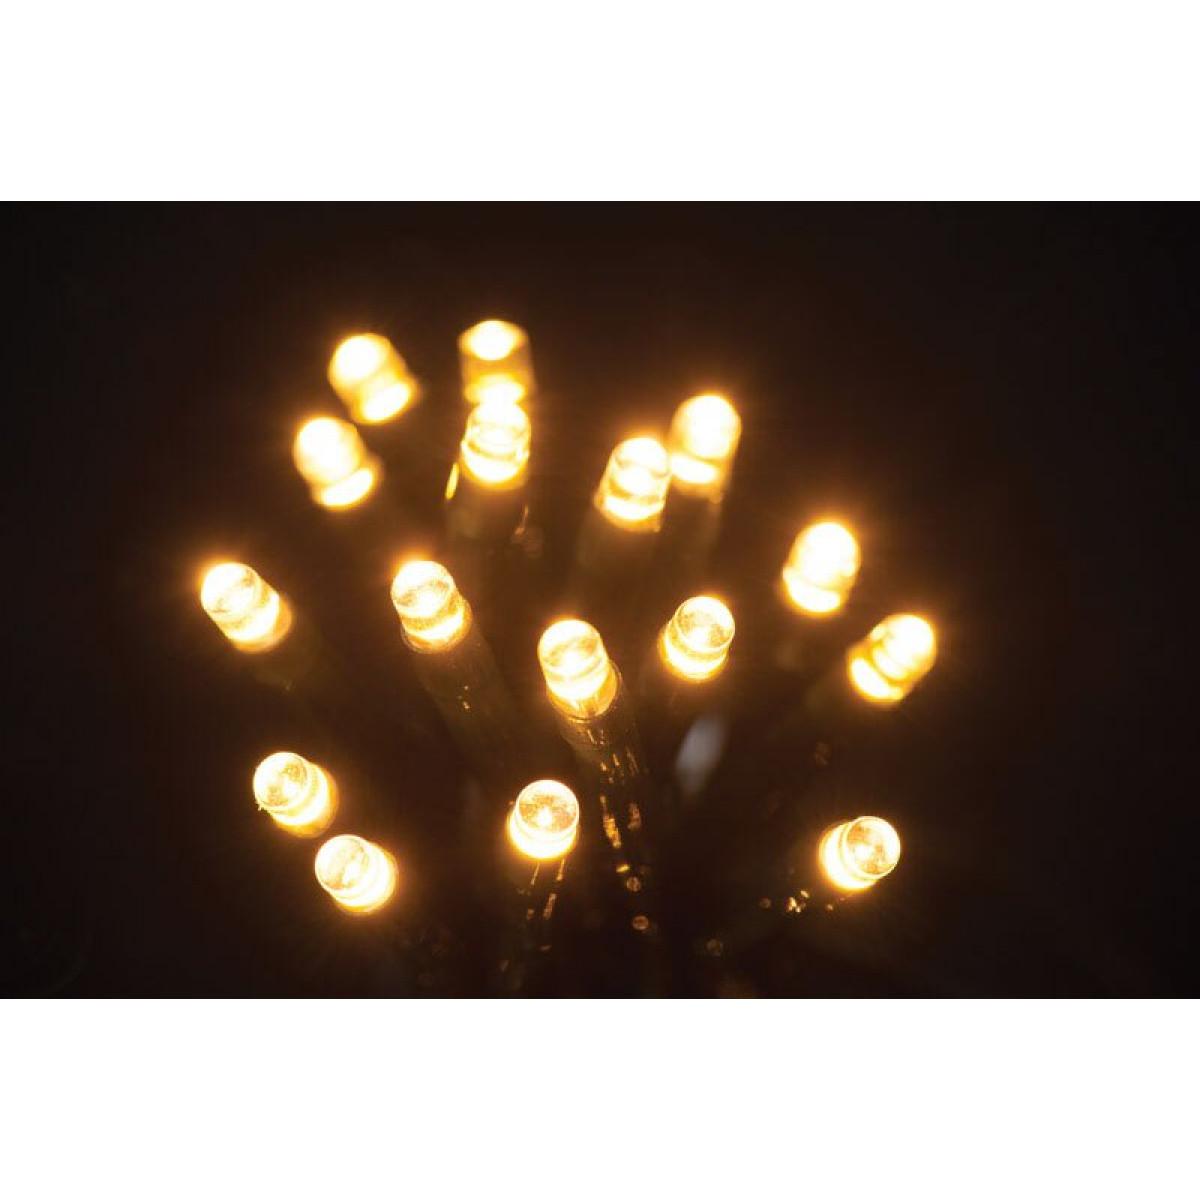 Clusterverlichting 20 meter, LED kerstverlichting (200 LEDs, Timer, Dimmer, Binnen/Buiten)